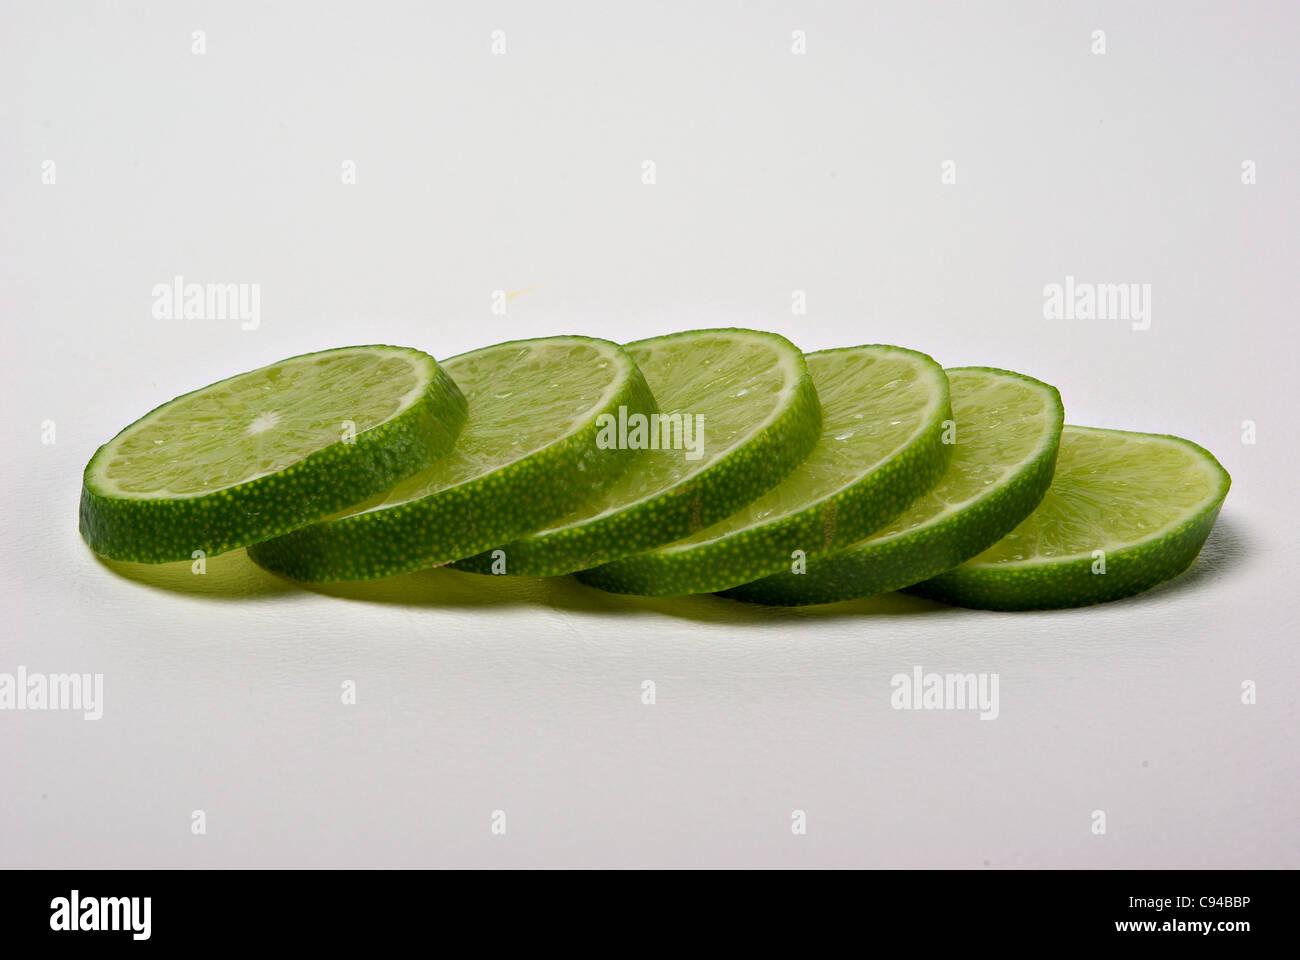 Rodajas de limón yacía sobre un fondo liso. Imagen De Stock